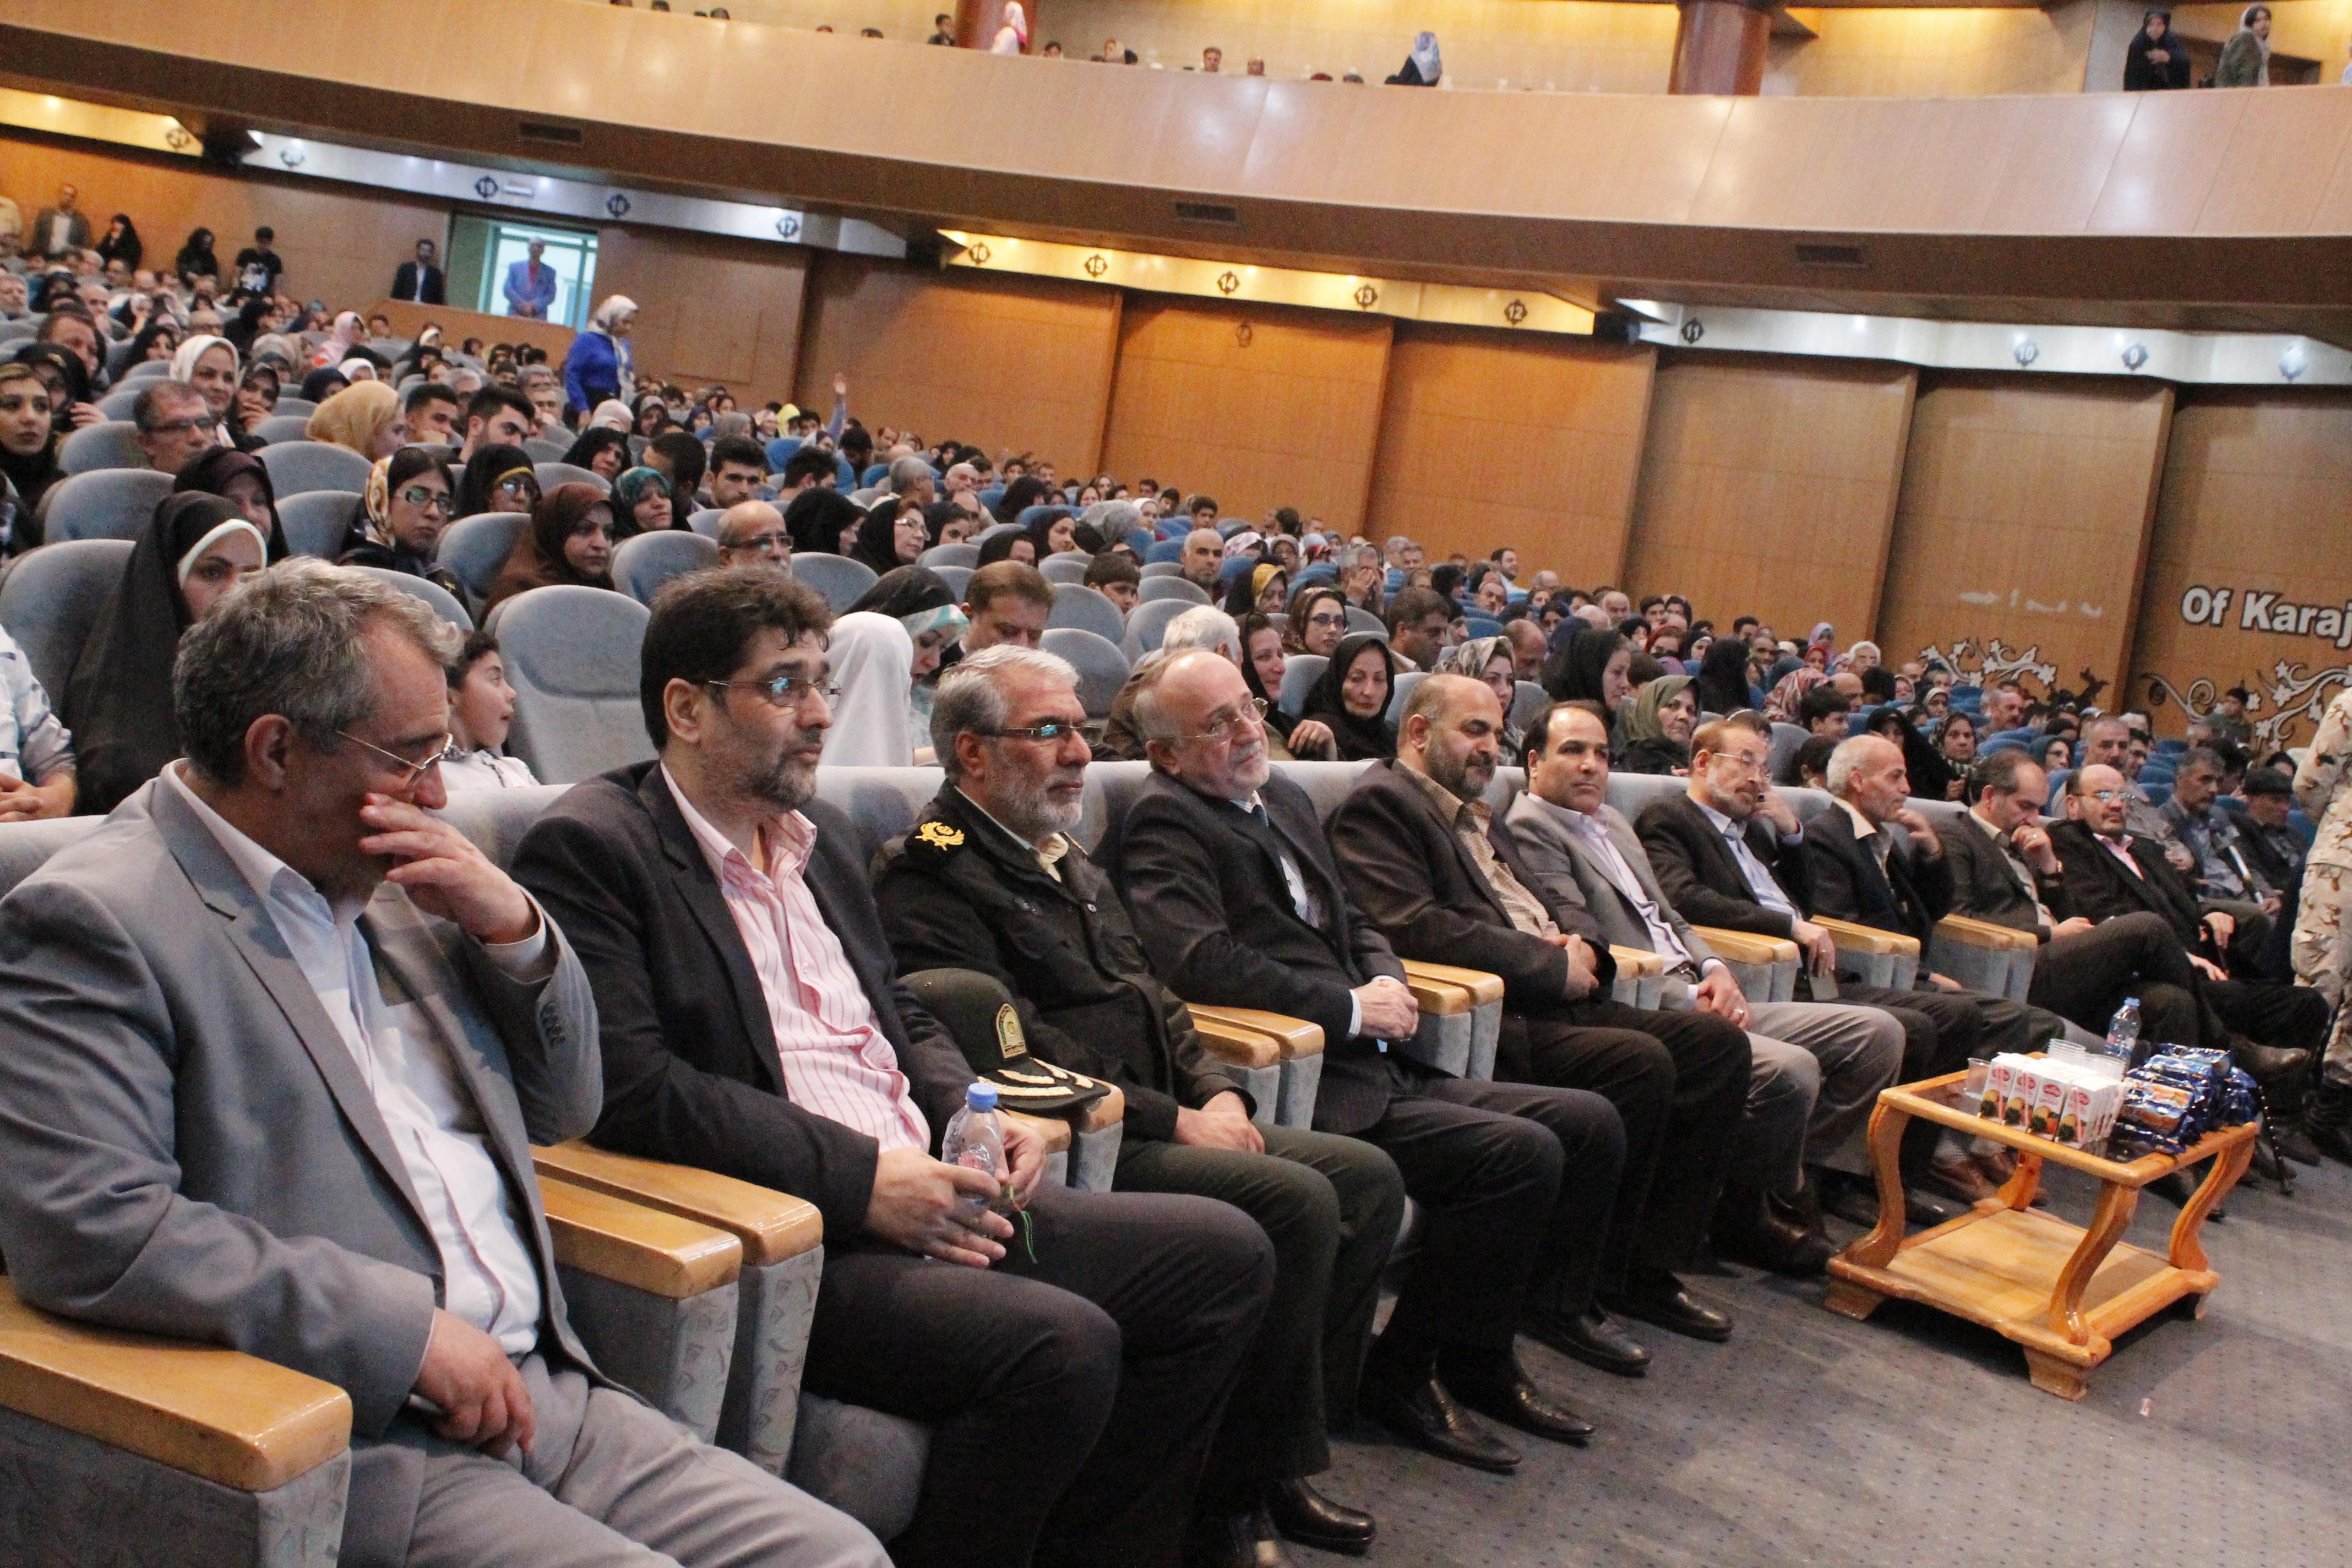 مراسم بزرگداشت روز جانباز در تالار شهیدان نژاد فلاح کرج